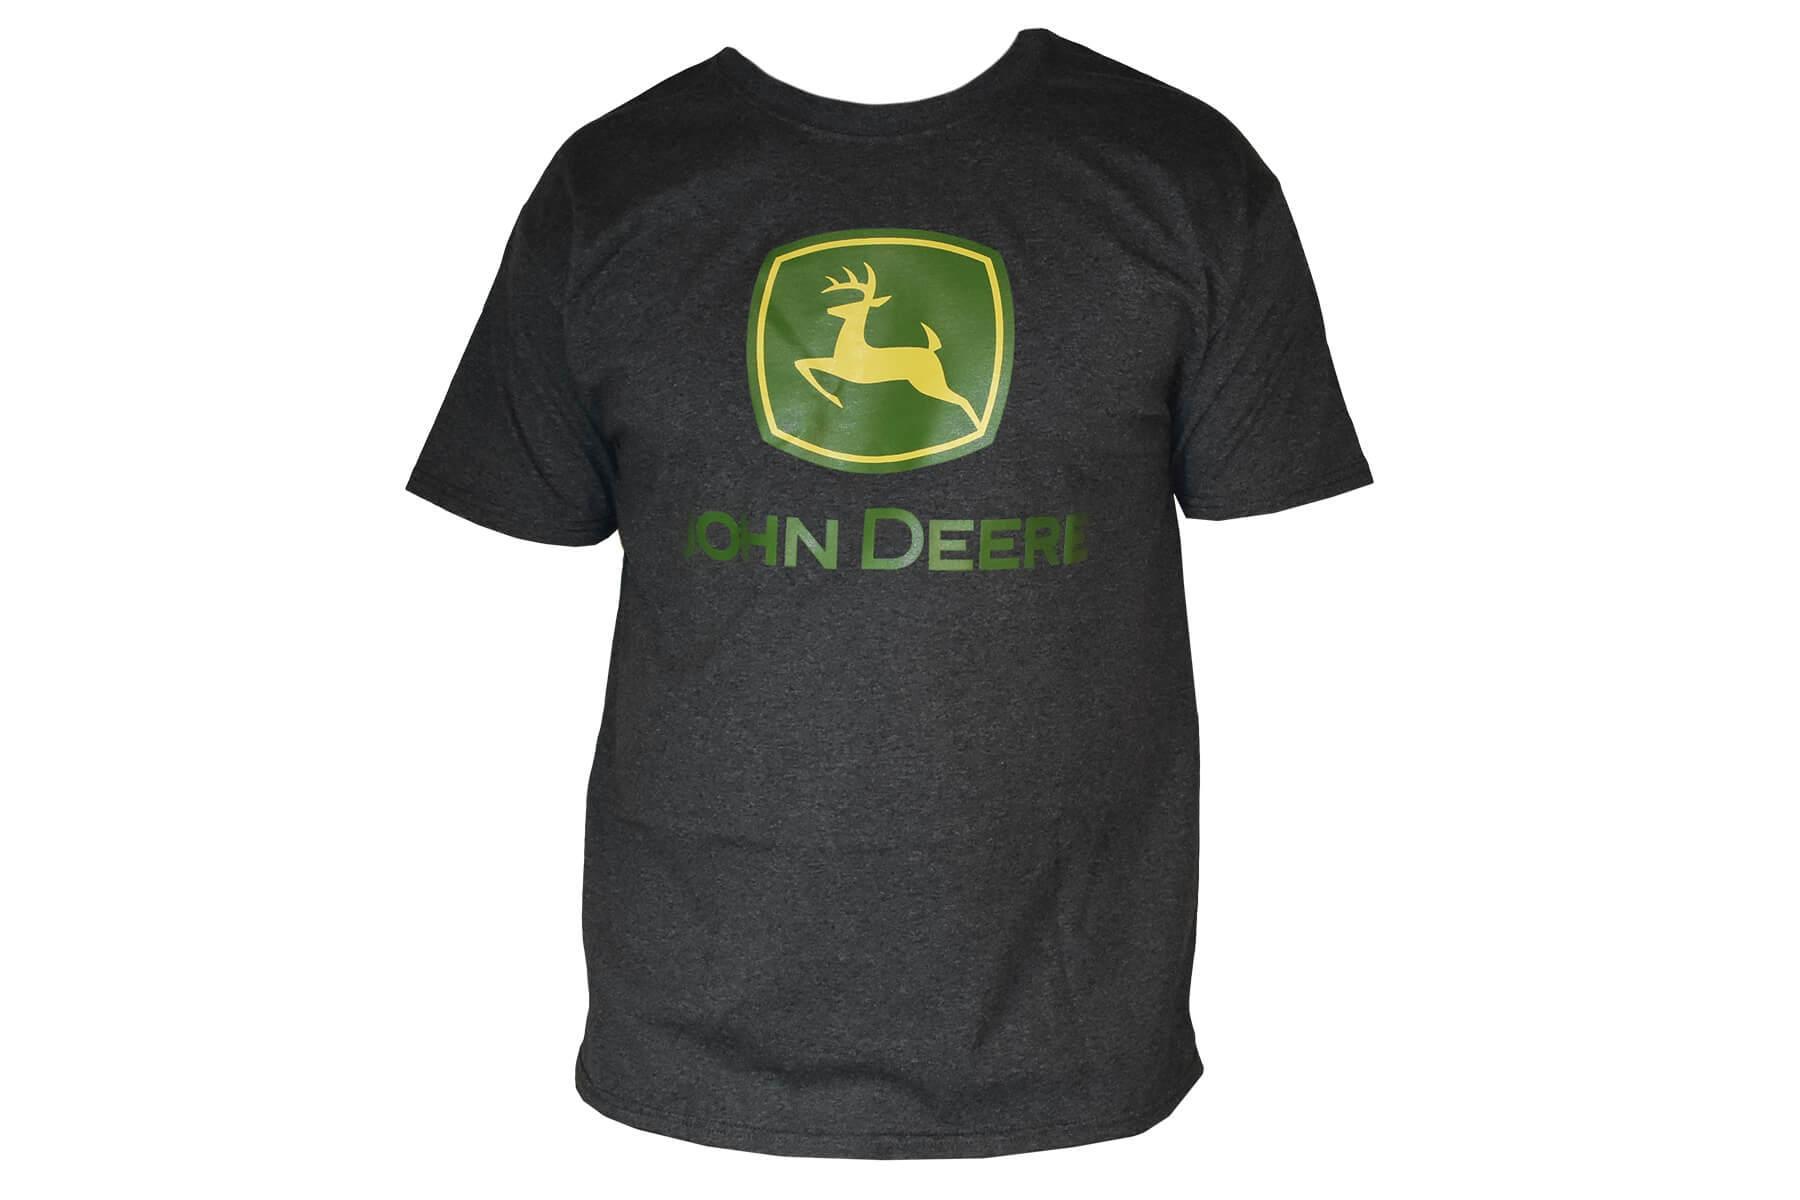 8a87d3f677e John Deere T-Shirt - JLD-Laguë